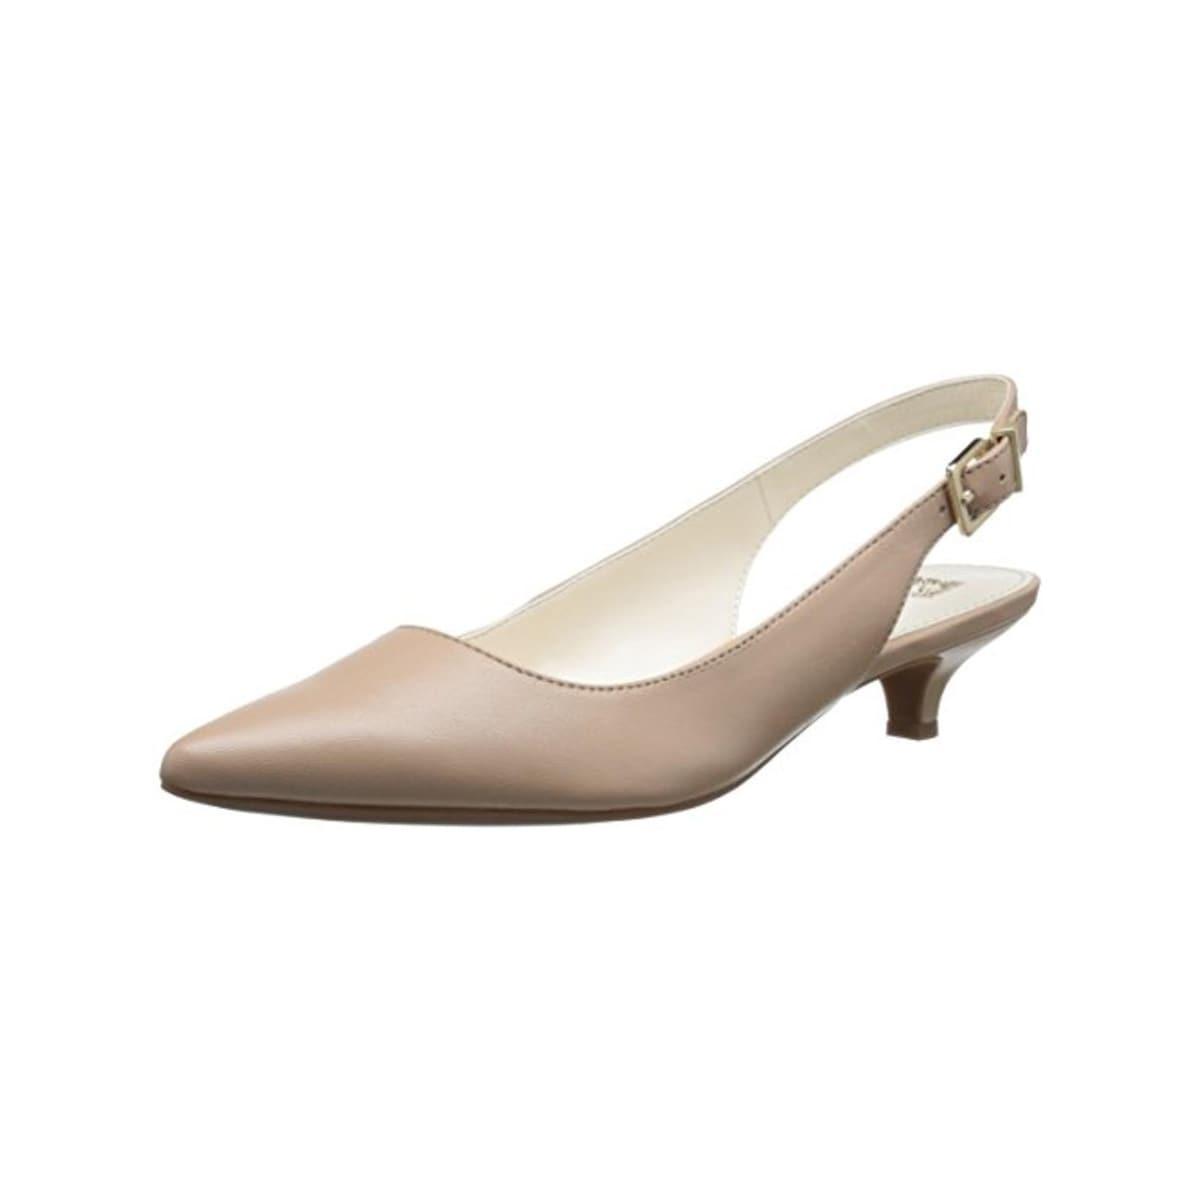 1d629a2e405 Anne Klein Shoes